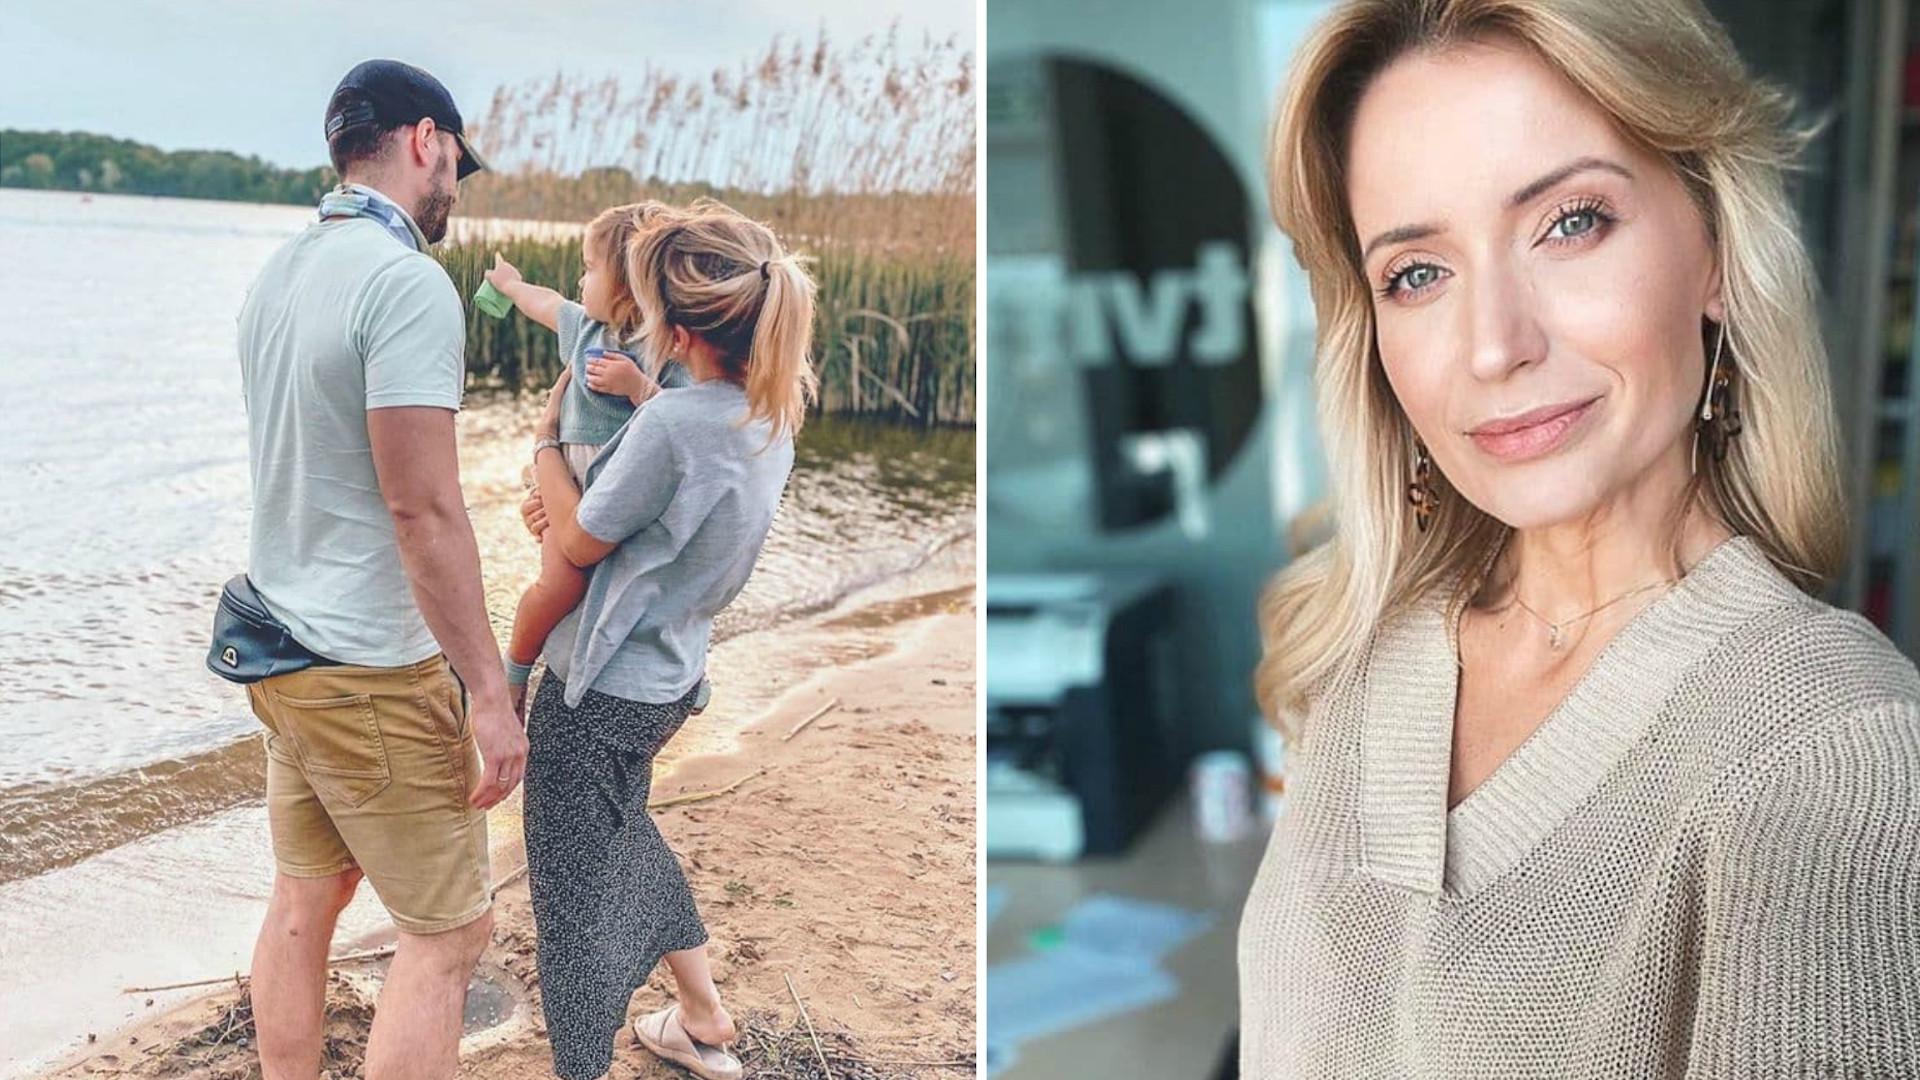 Internautka zasugerowała, że Anna Dec jest w ciąży. Gwiazda TVN zdenerwowała się?